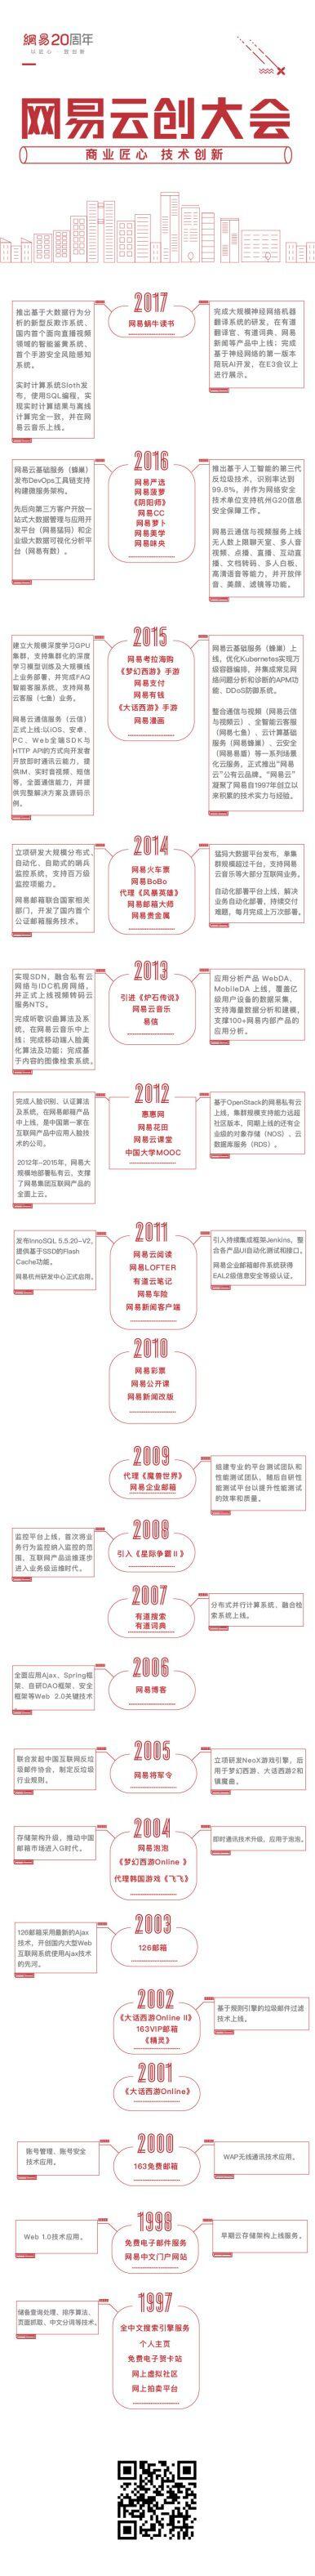 网易云创大会明日举行,将展示20年技术成果